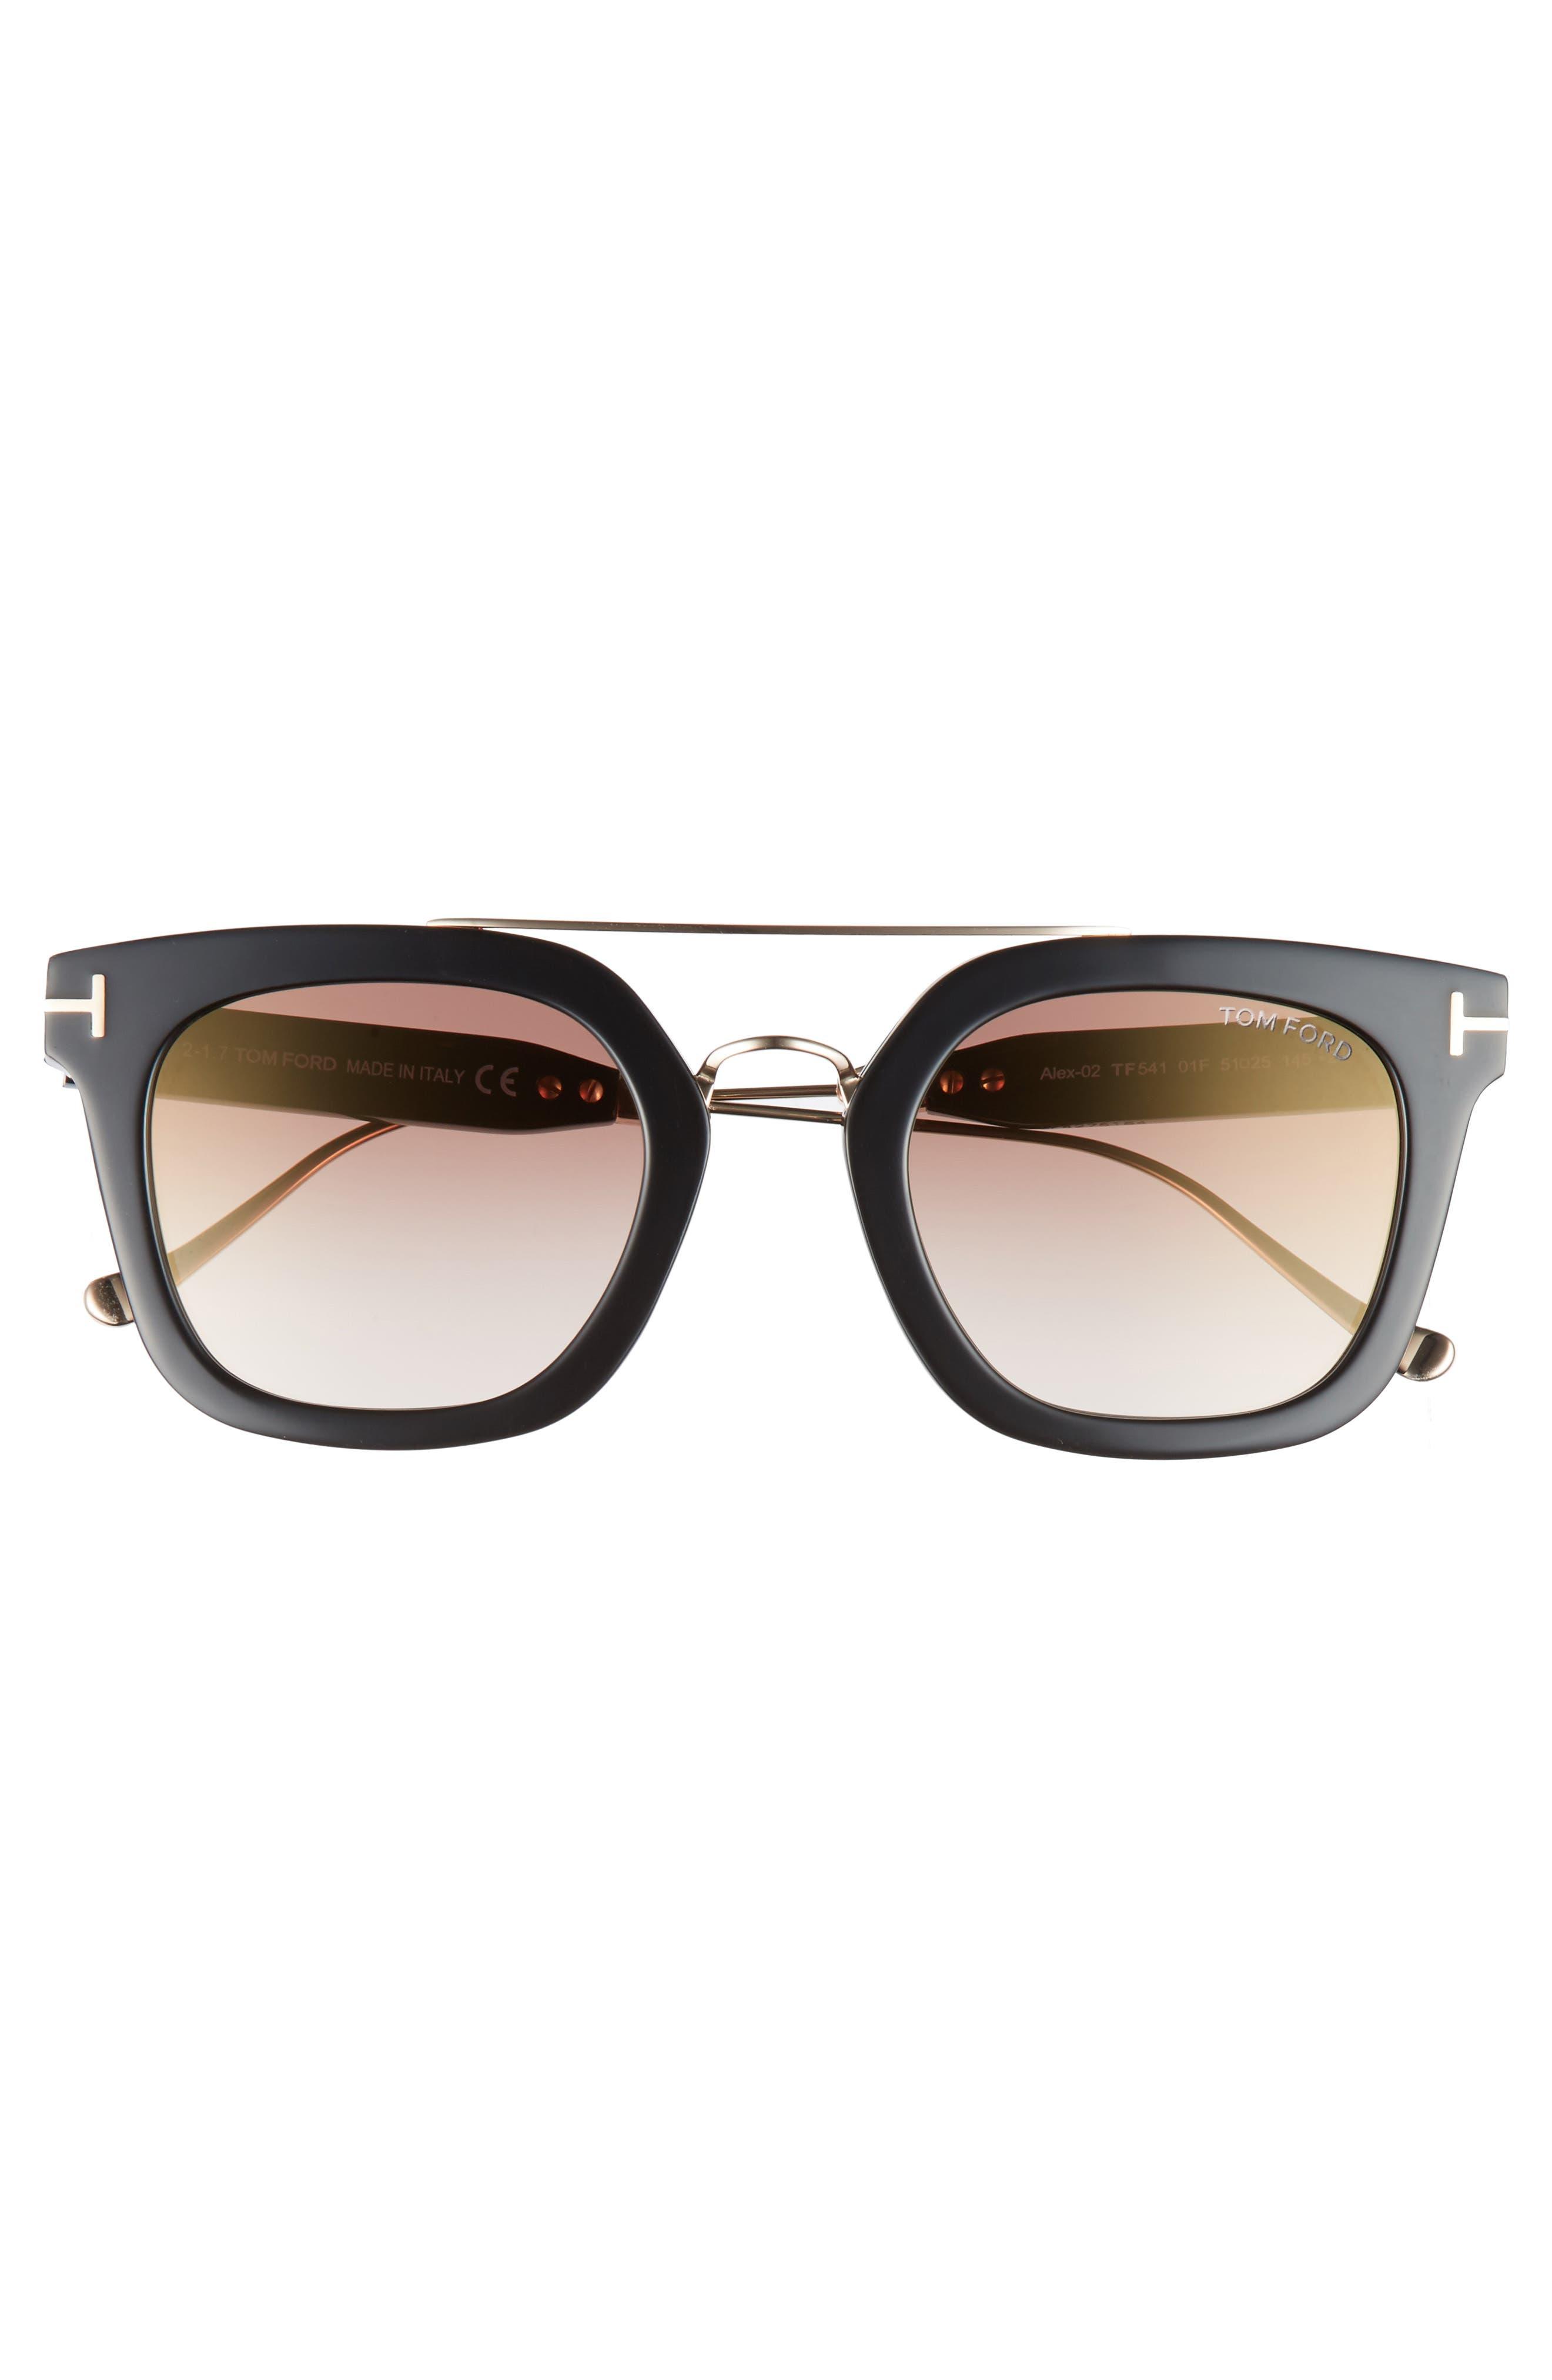 Alex 51mm Sunglasses,                             Alternate thumbnail 3, color,                             001